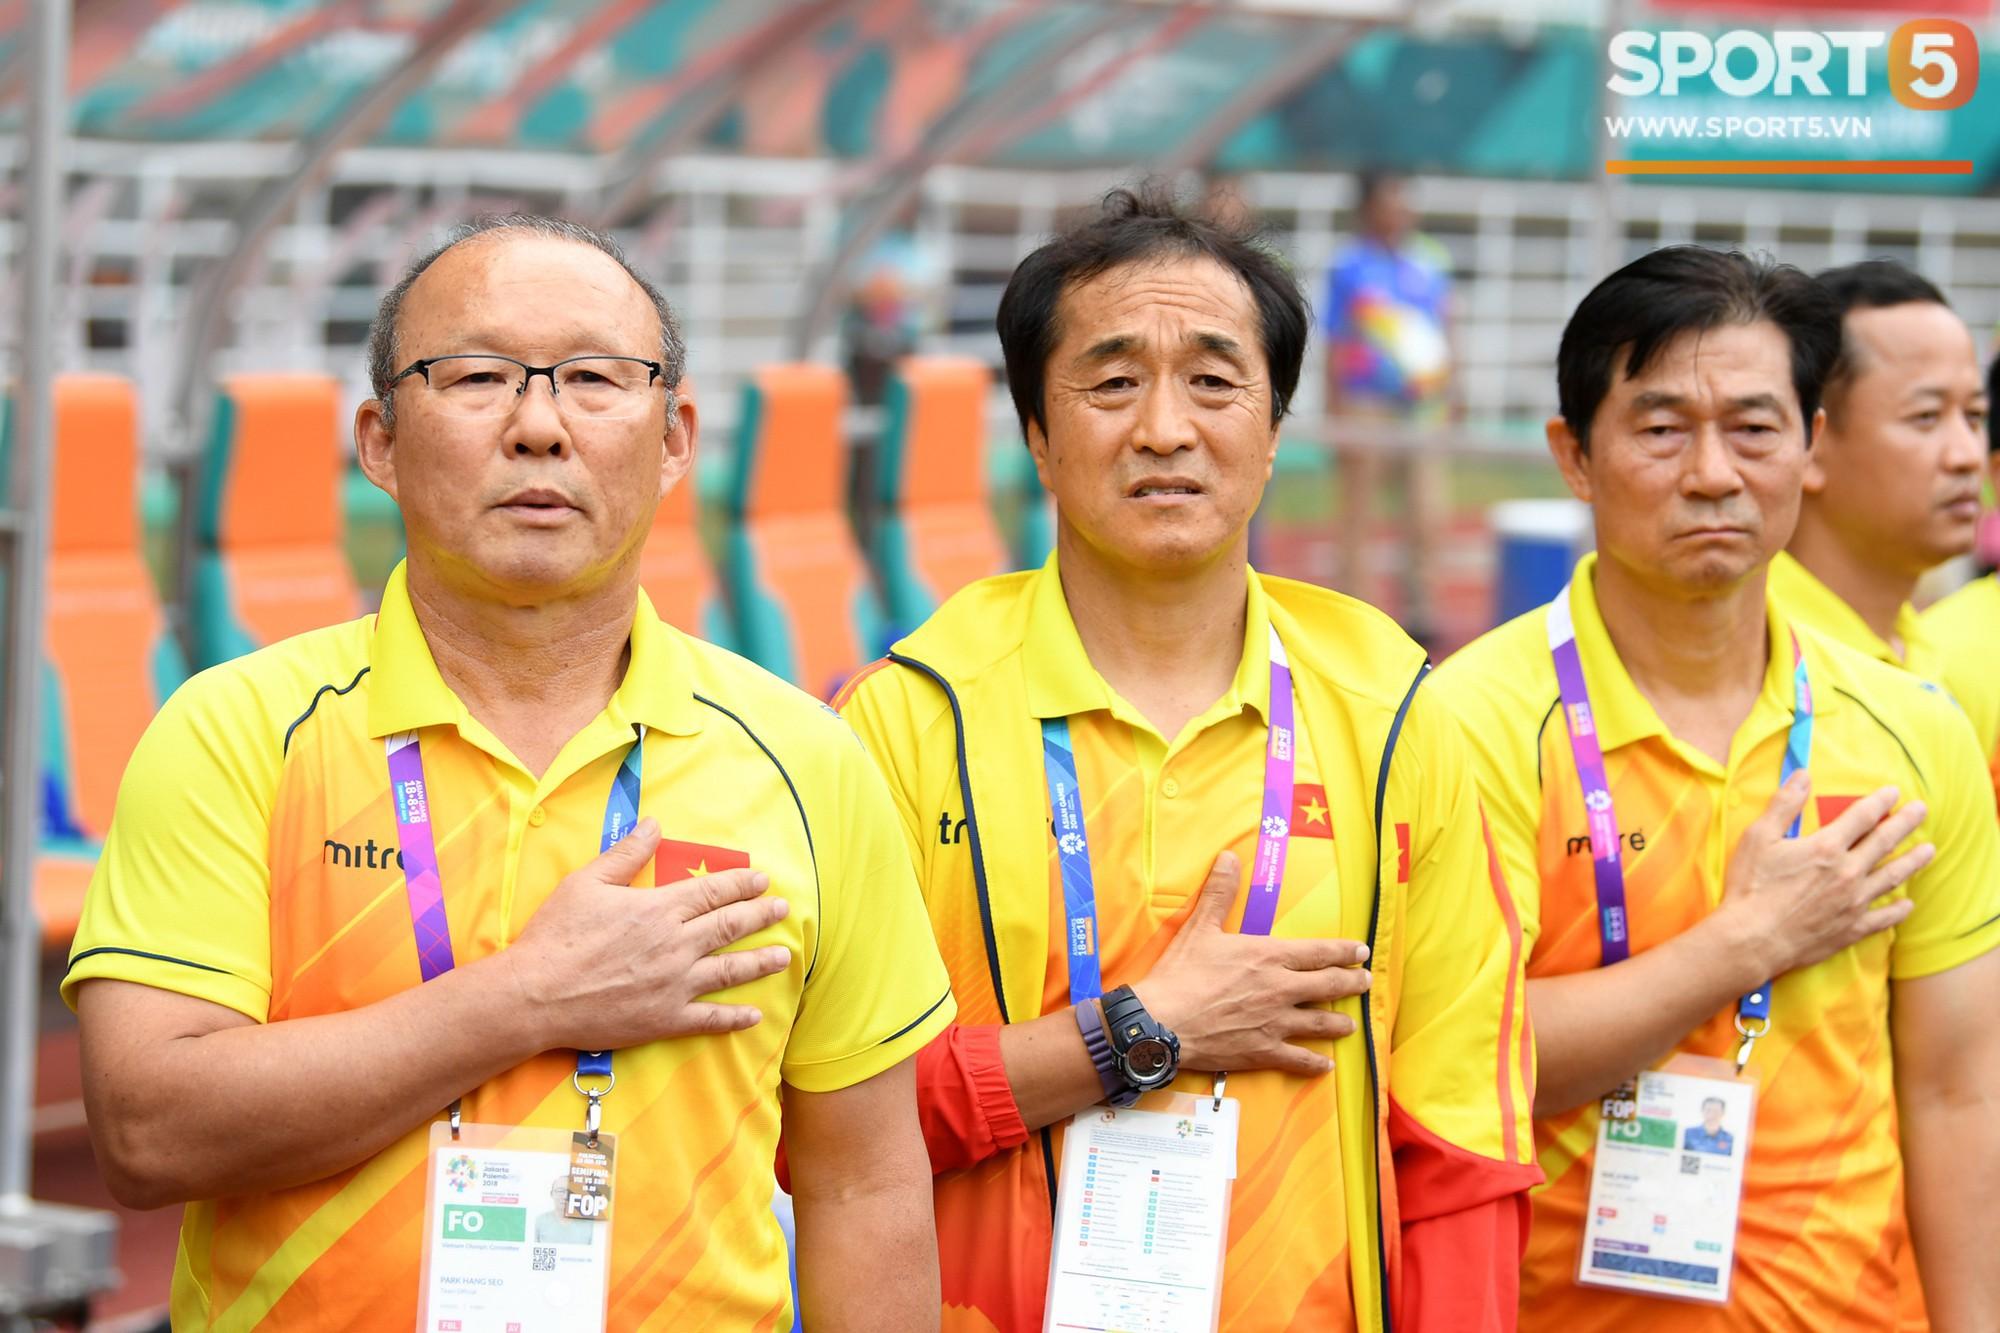 HLV Park Hang Seo bước sang tuổi 60: Từ sinh viên nghiên cứu thảo mộc đến huyền thoại bóng đá Việt Nam-27